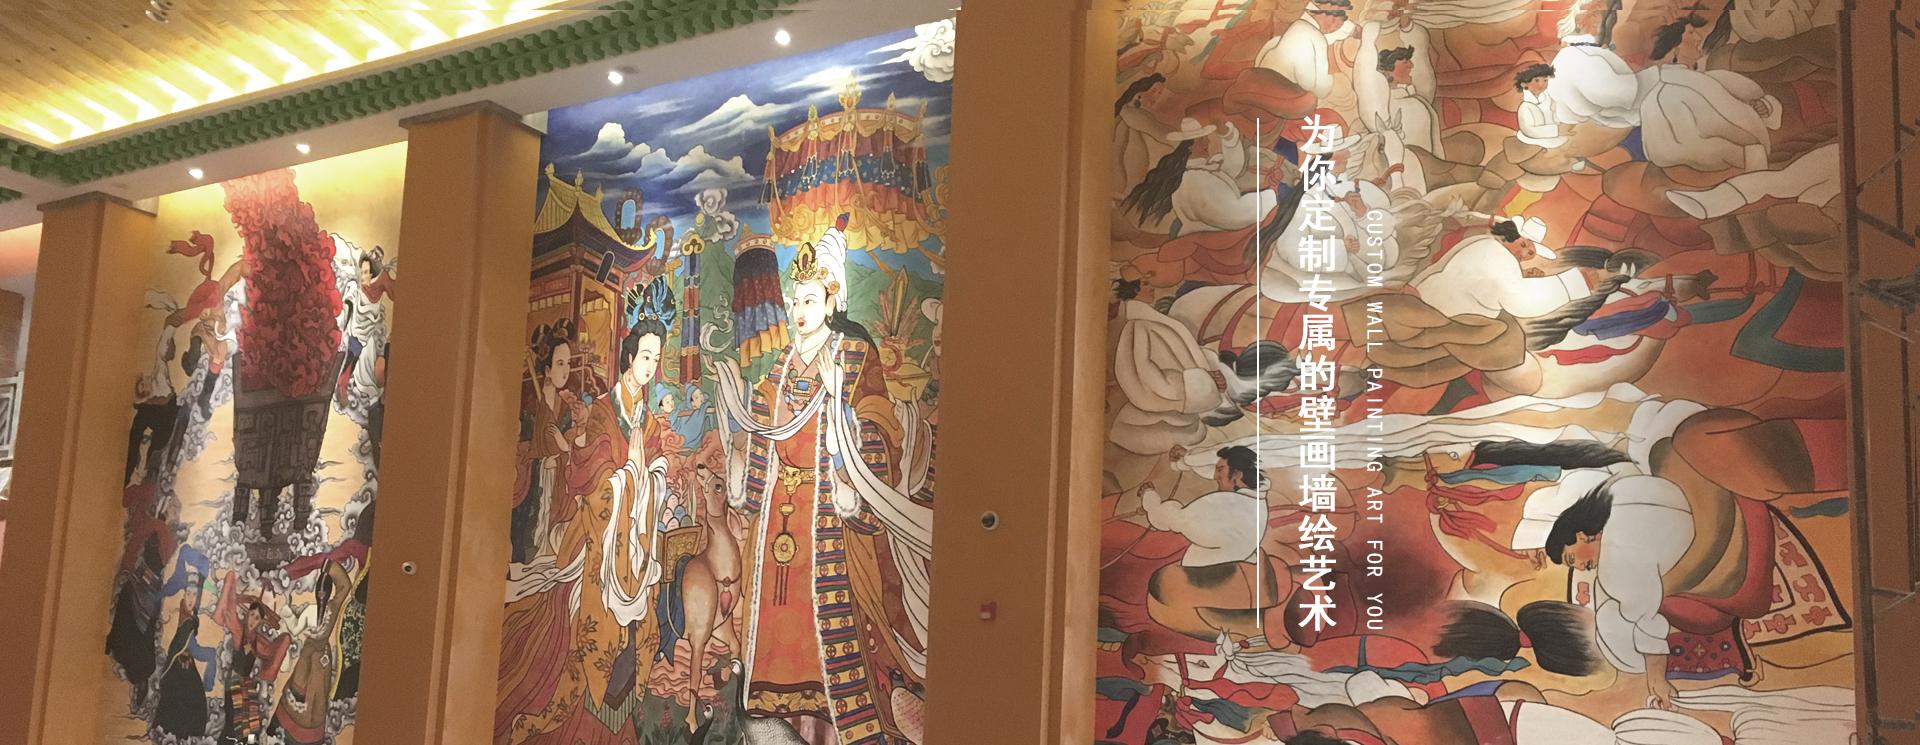 重庆壁画设计